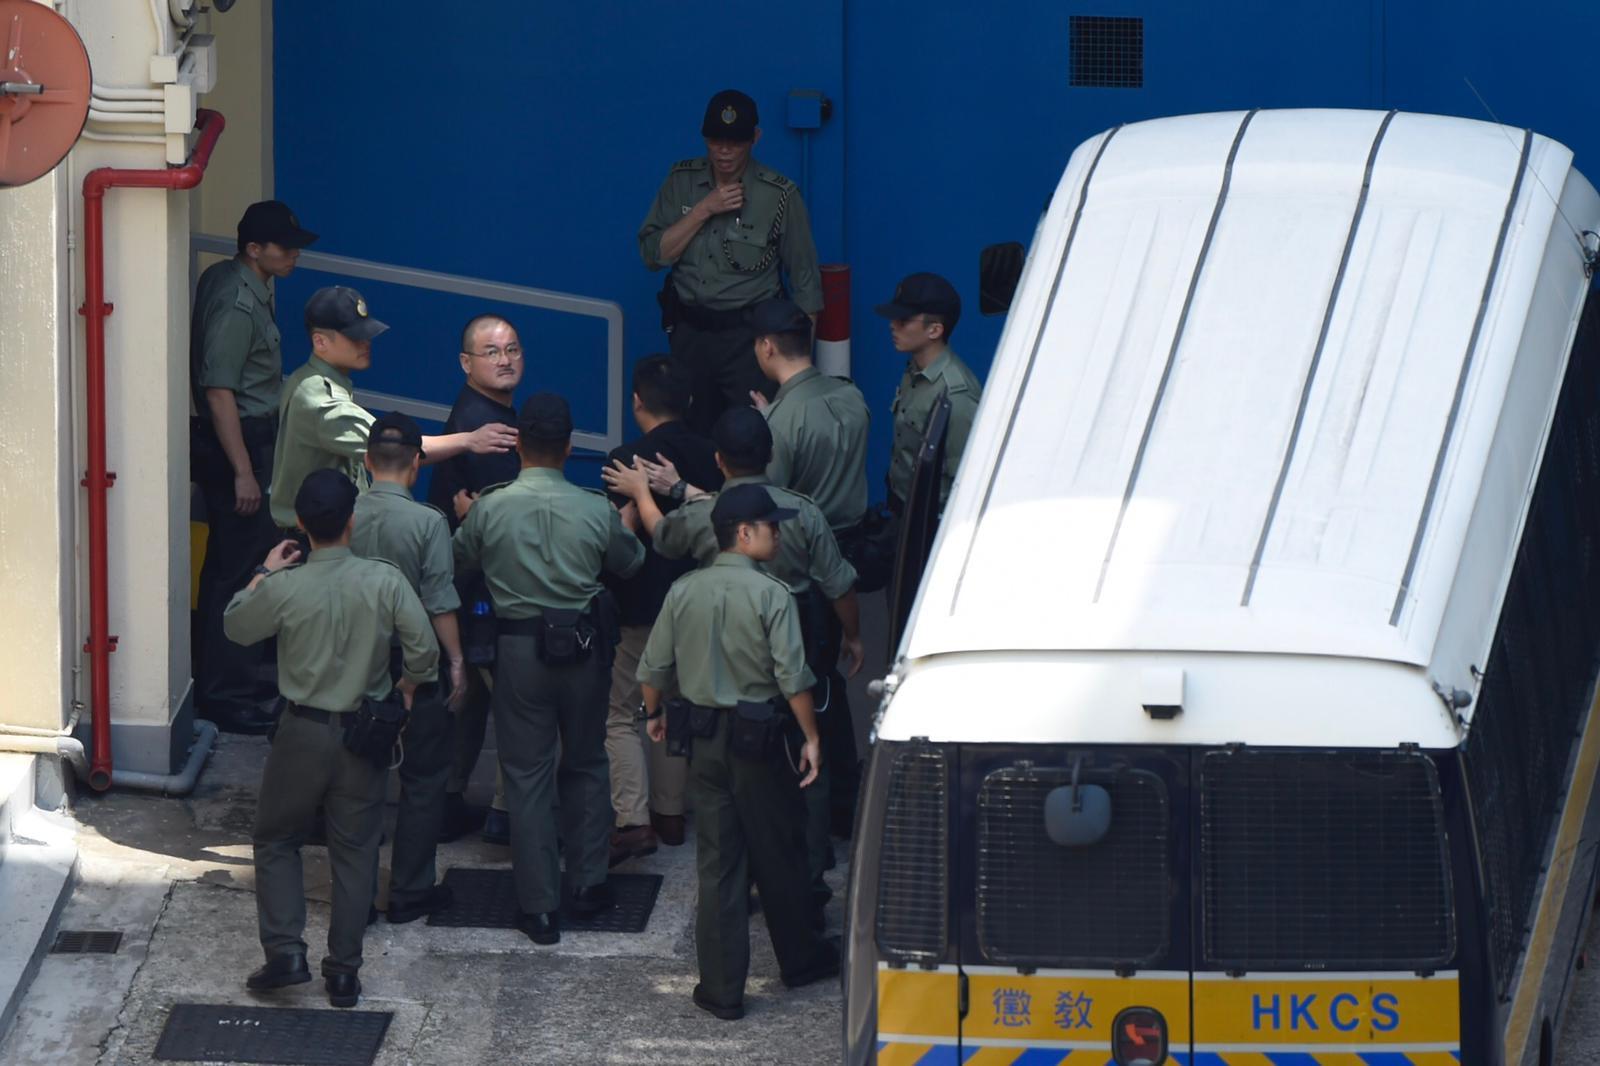 立法會議員邵家臻由囚車送往荔枝角收押所